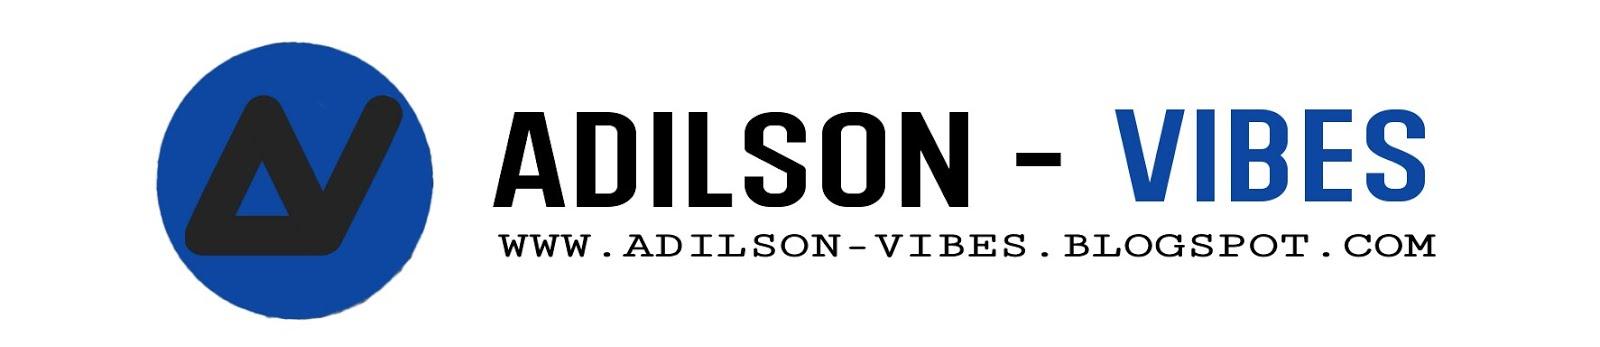 Adilson Vibes | Música e Notícia